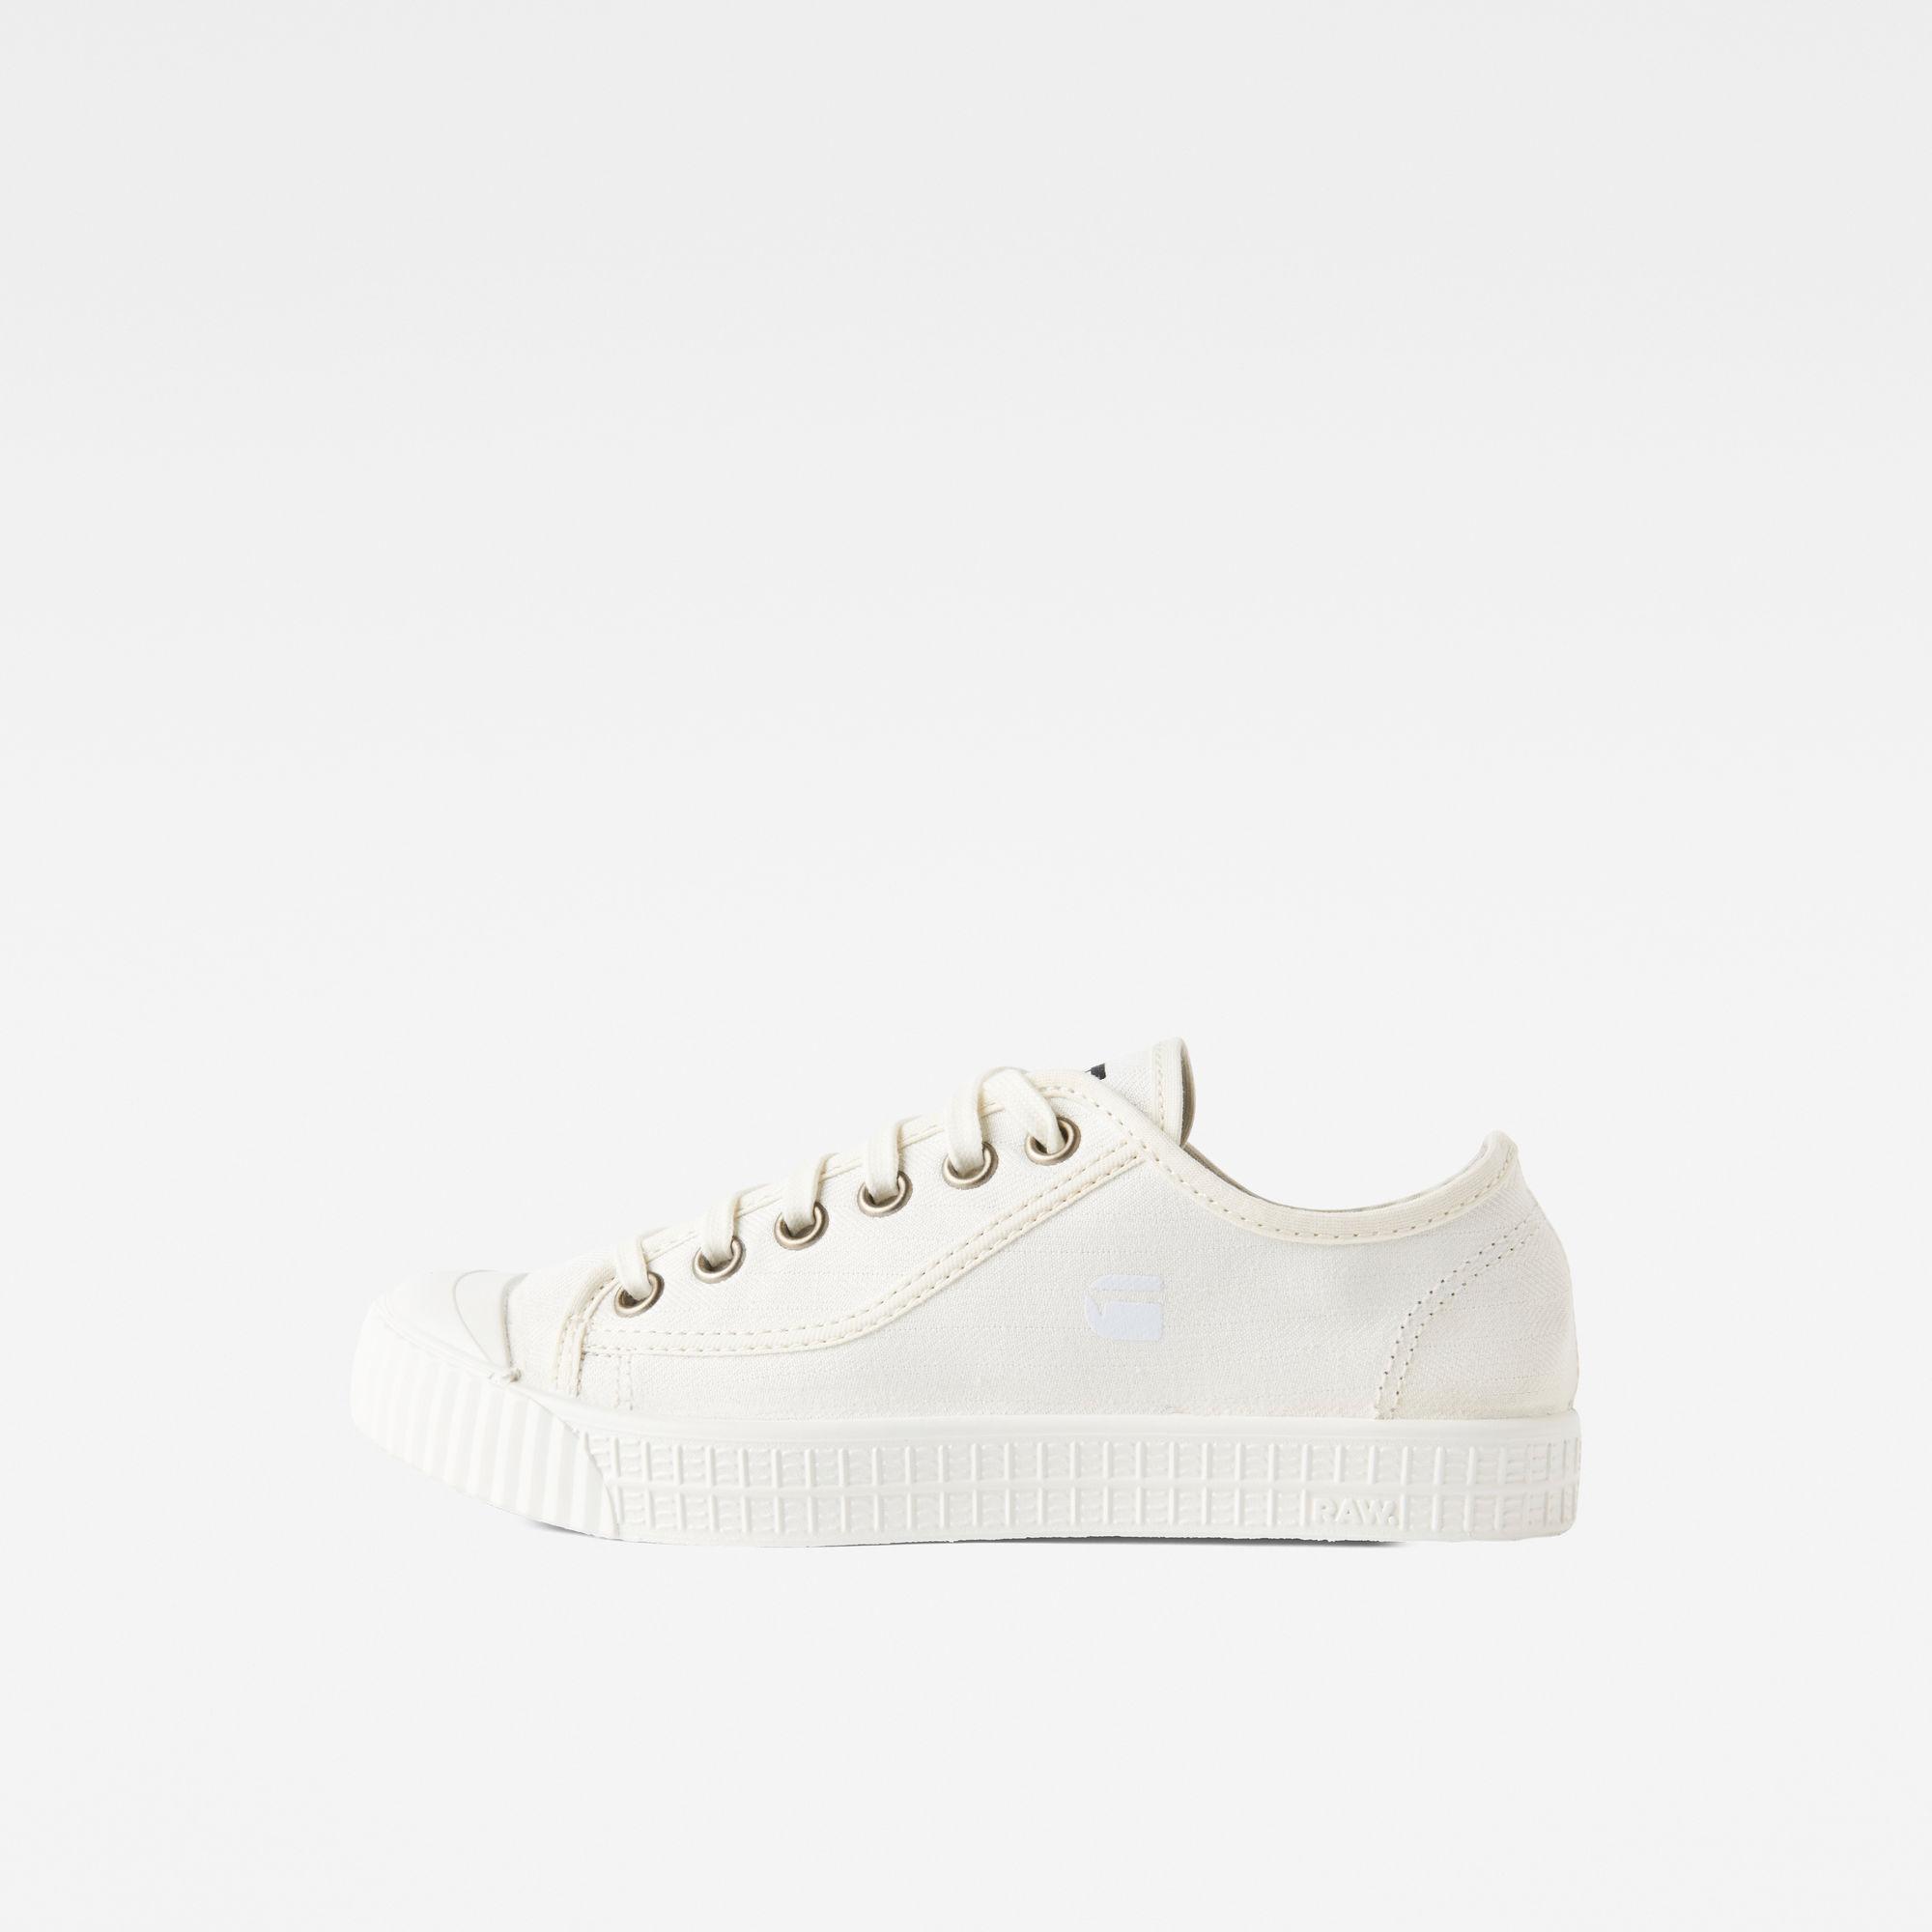 Rovulc Denim Sneakers New Denim Arrivals maat 36 van G-Star RAW snel en voordelig in huis? Hier lukt het direct